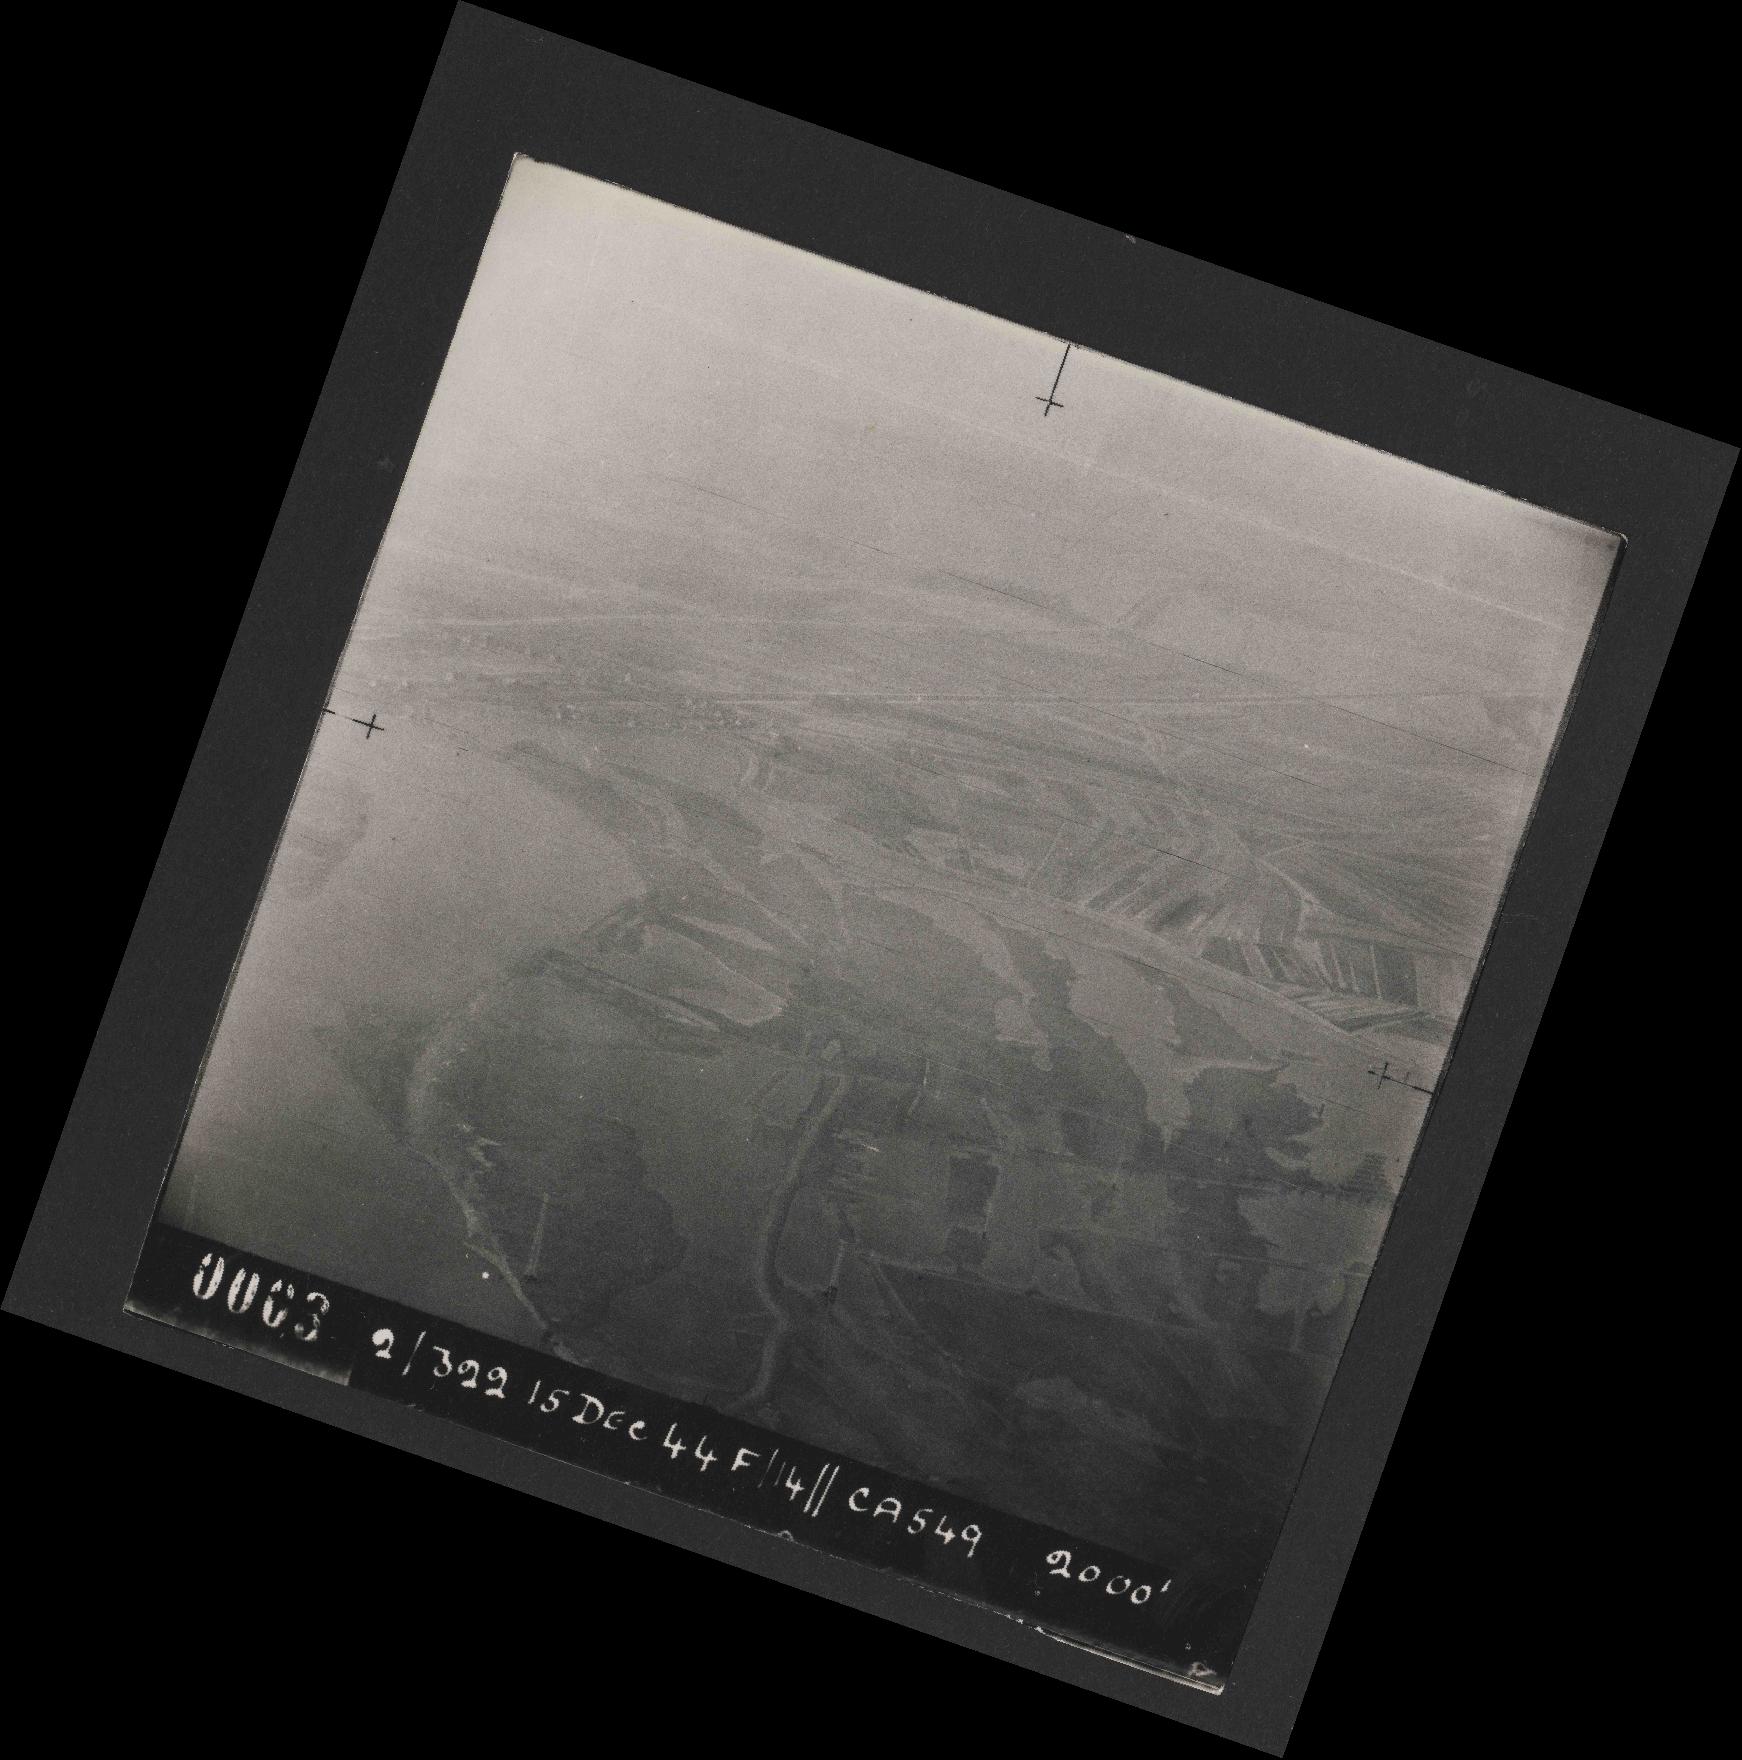 Collection RAF aerial photos 1940-1945 - flight 507, run 01, photo 0003